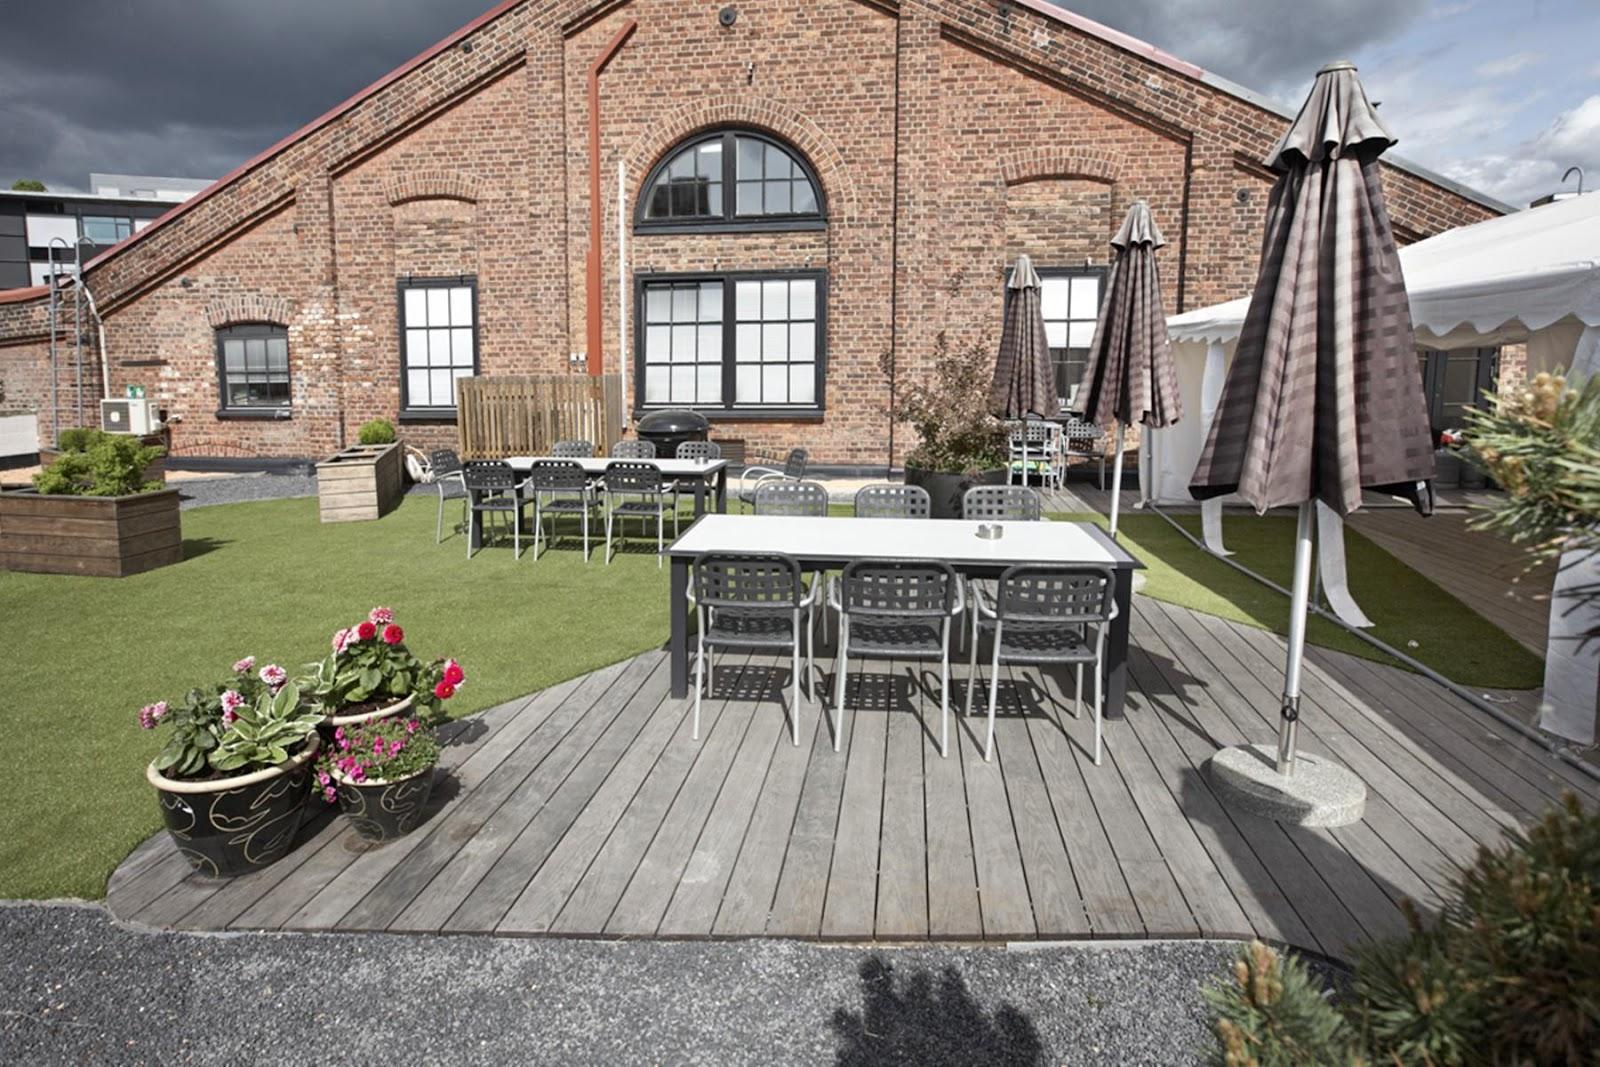 Forskellige materialer kan skabe et dynamisk udtryk på terrassen